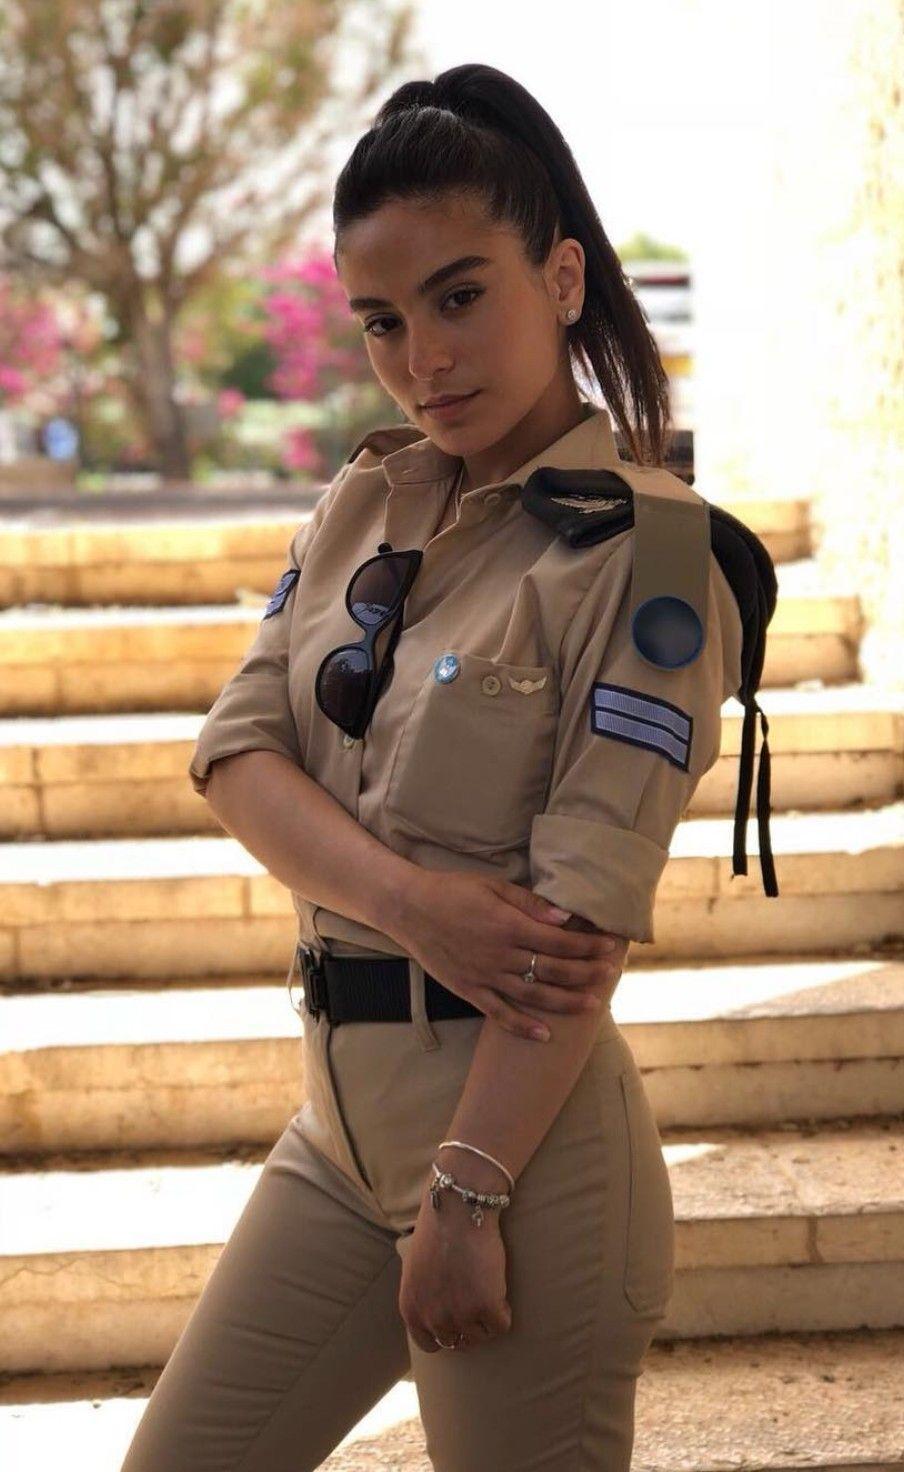 Soldate israélienne : quand les palestiniens voient ça, ils ont envie de combattre jusqu'à la victoire